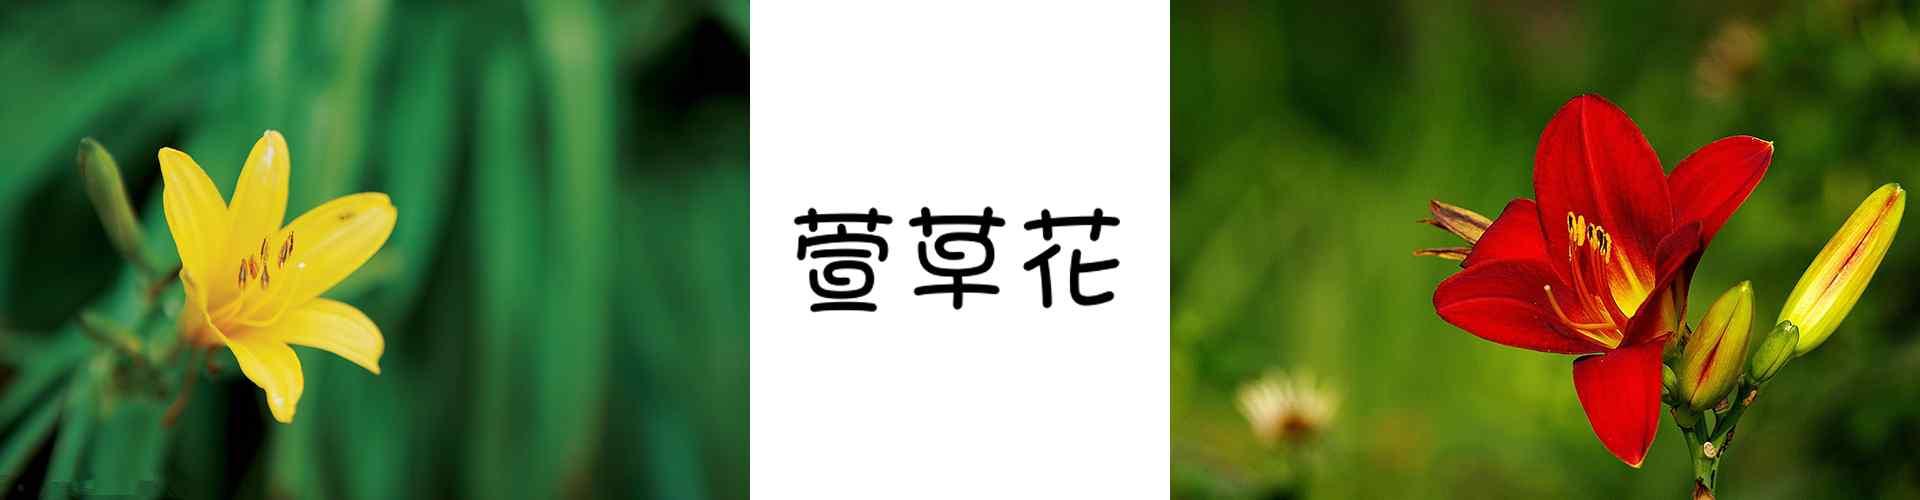 萱草_大萱草花_萱草花花语寓意_鲜花图片大全_植物壁纸